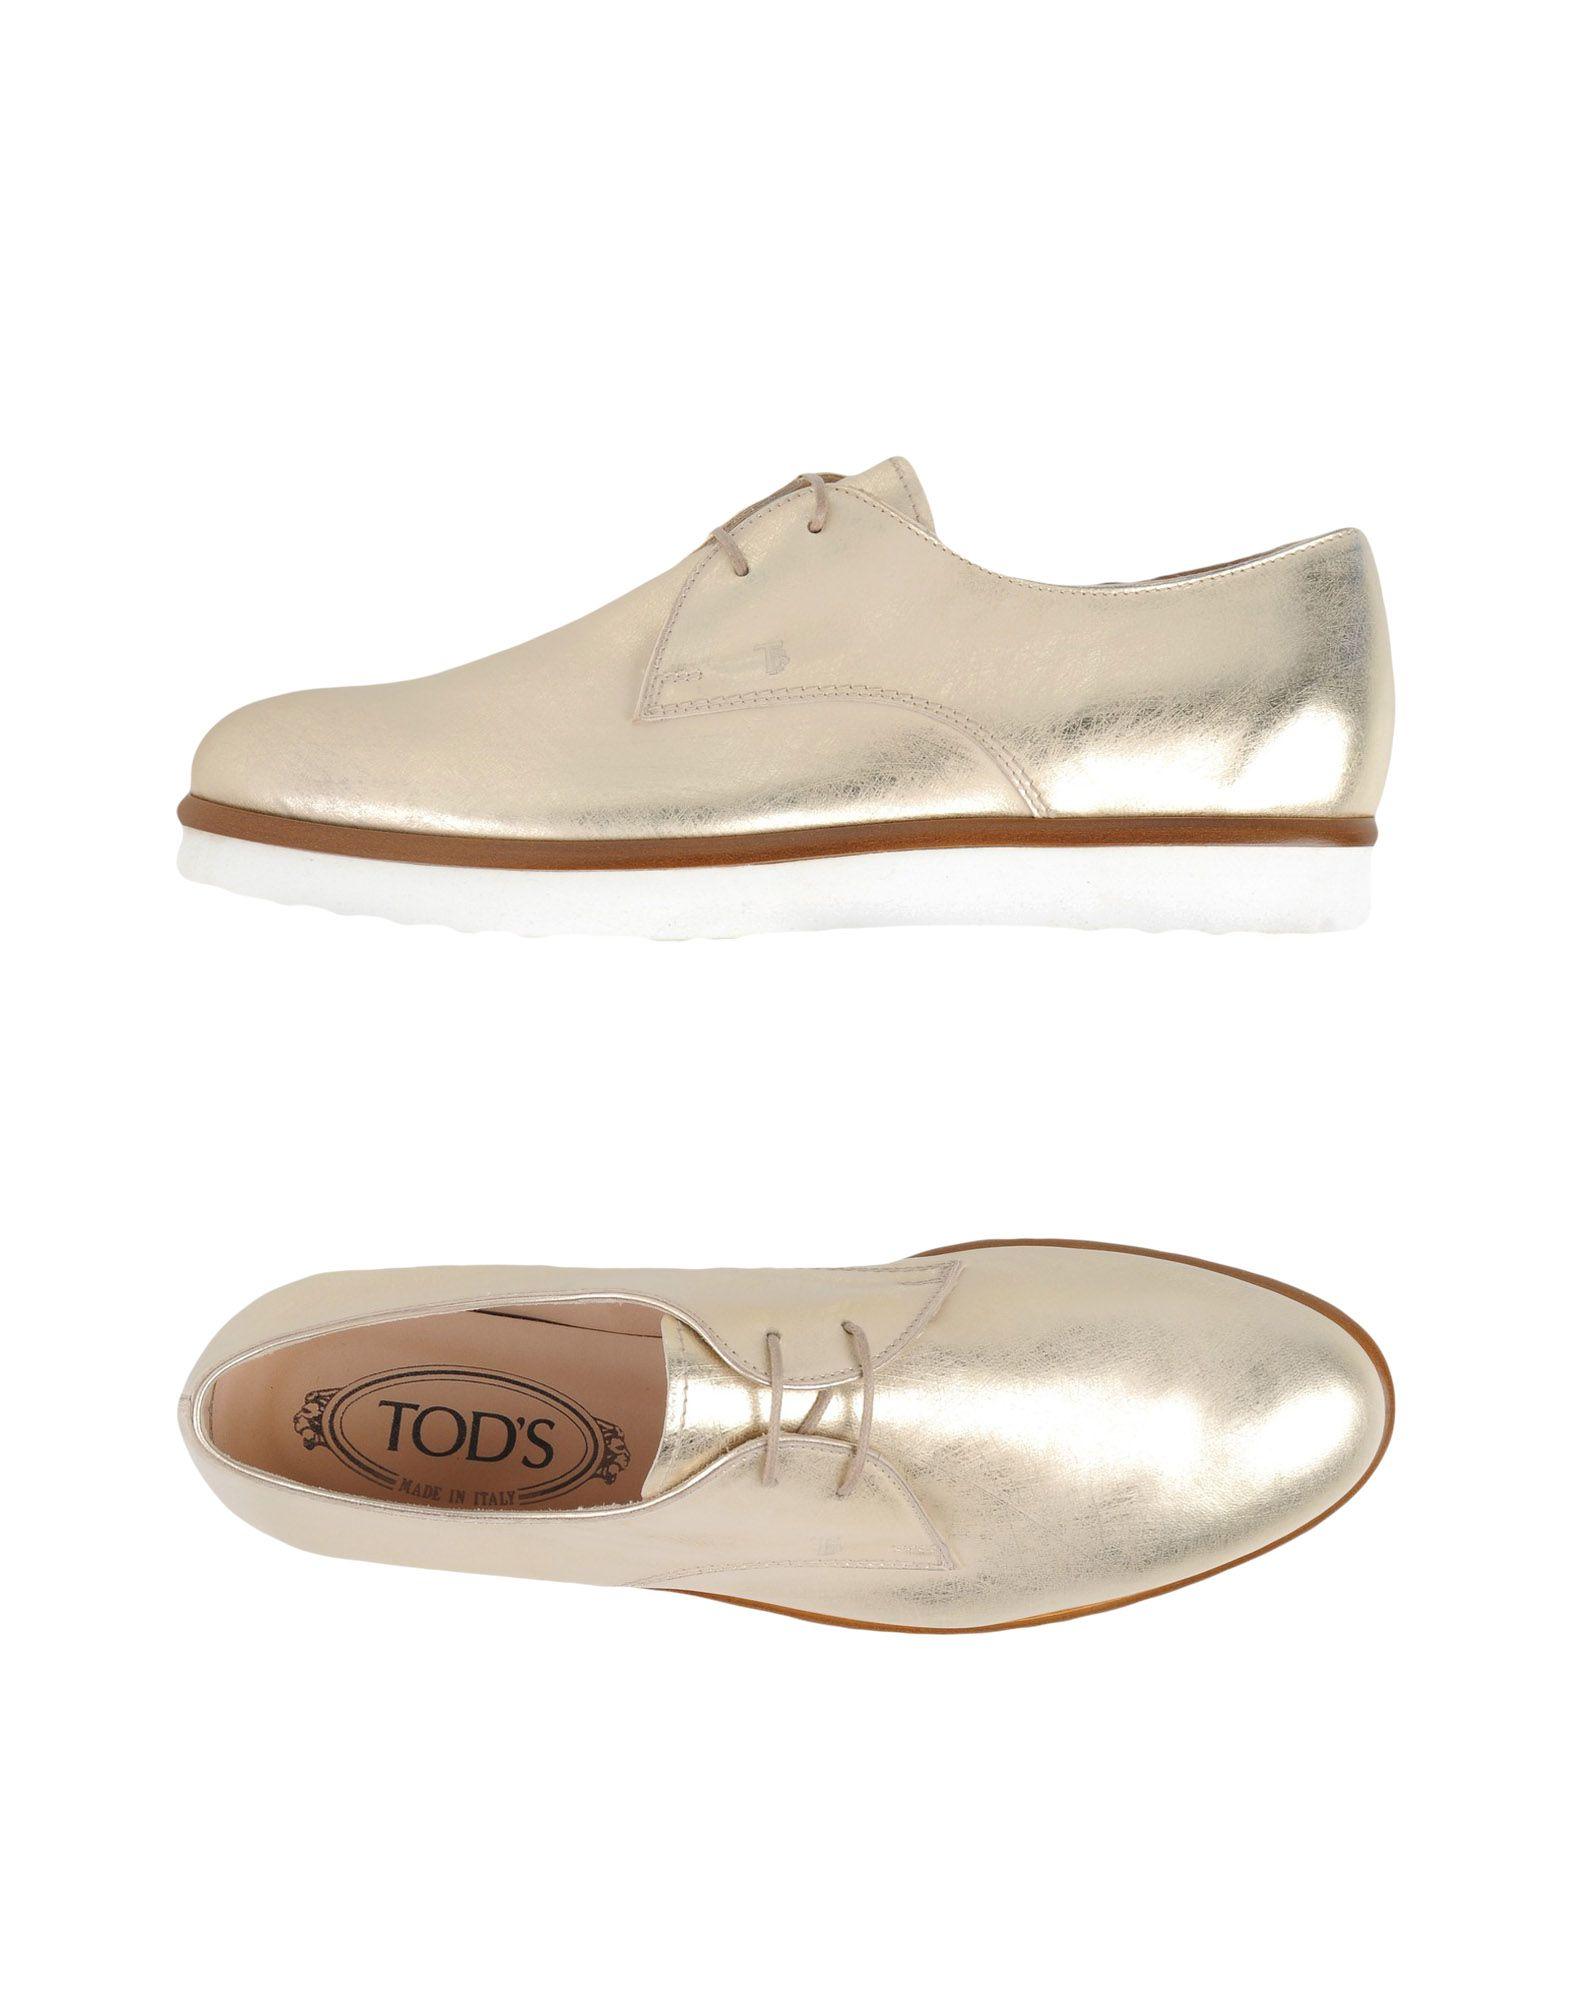 Tod's Schnürschuhe Damen  11319435ERGut aussehende strapazierfähige Schuhe